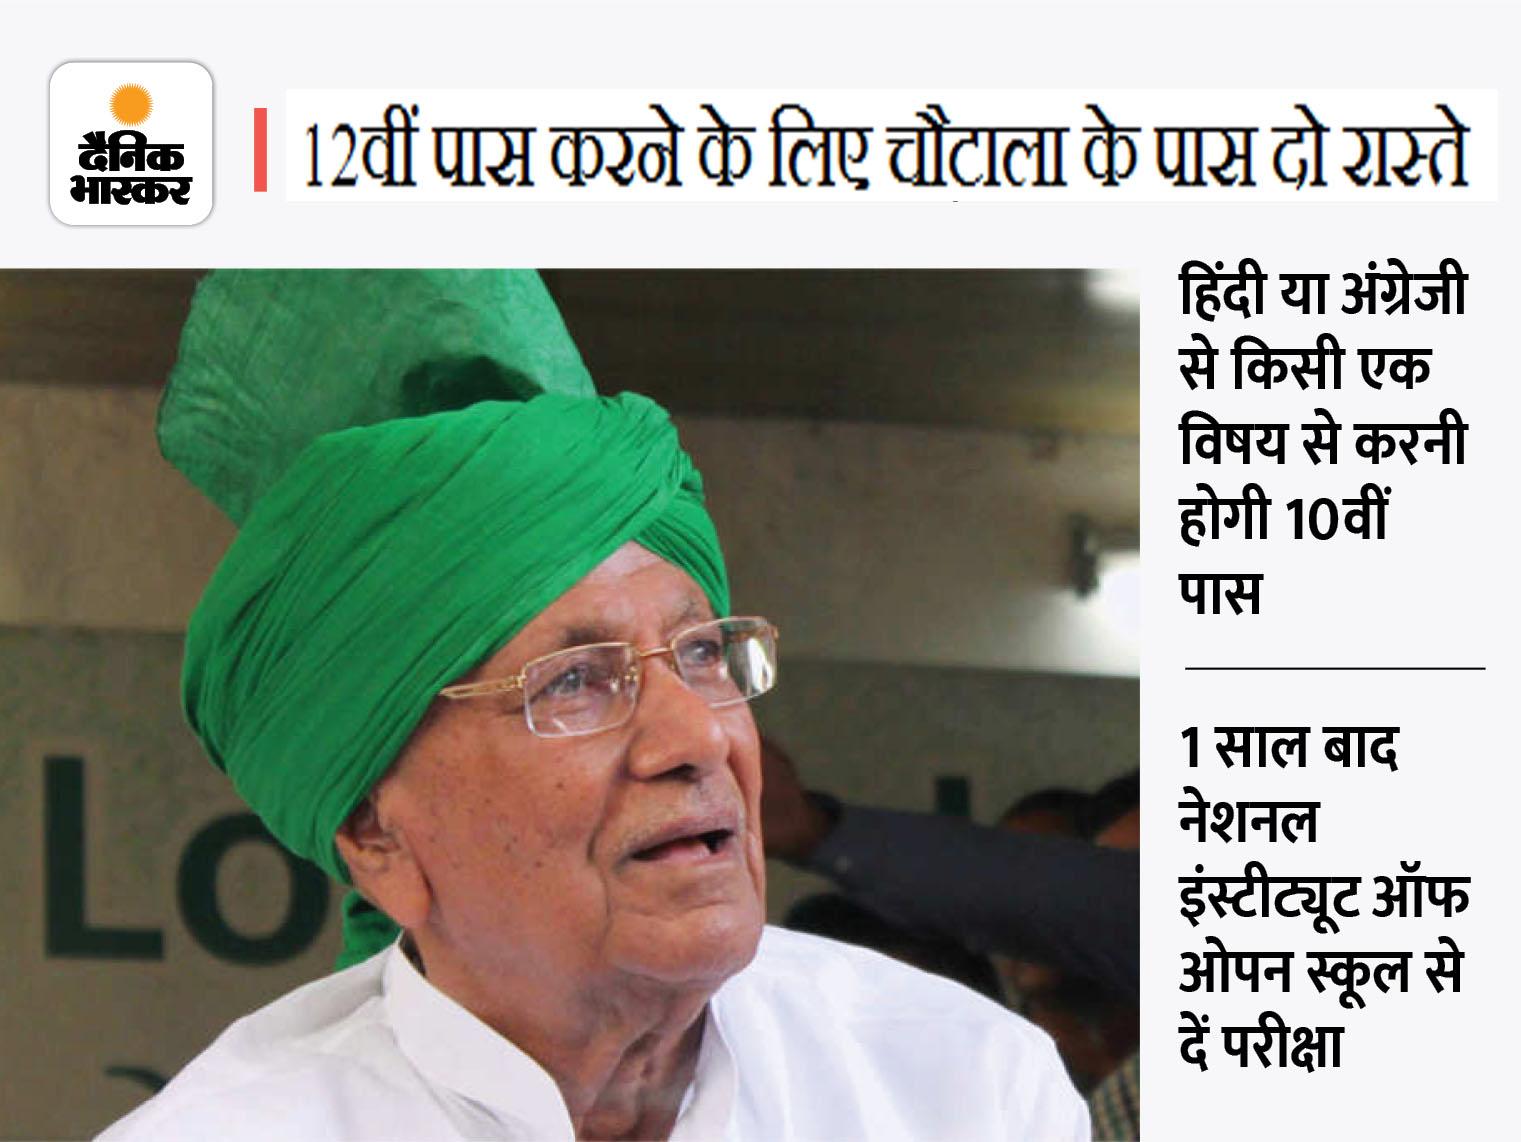 86 साल के ओम प्रकाश चौटाला ने तिहाड़ जेल से 12वीं की परीक्षा दी, उर्दू चुनने की वजह से रिजल्ट रुका हिसार,Hisar - Dainik Bhaskar